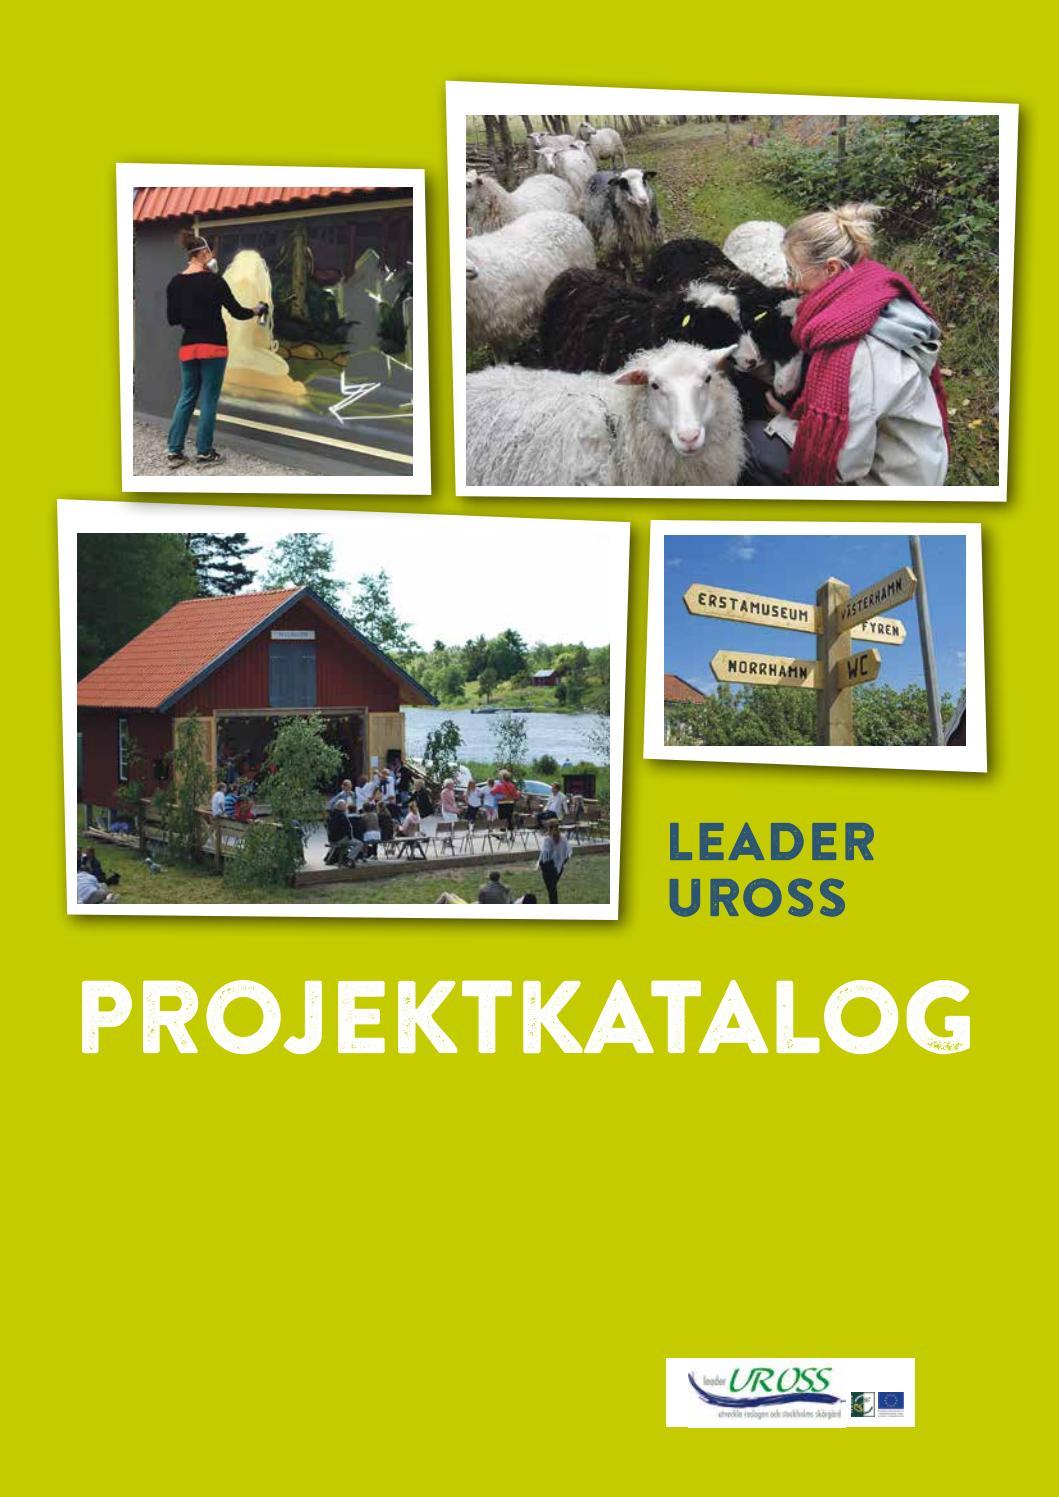 Berga träffa singlar, Delta Rika Maen Karne, Mötesplatser för äldre i norrköpings hedvig